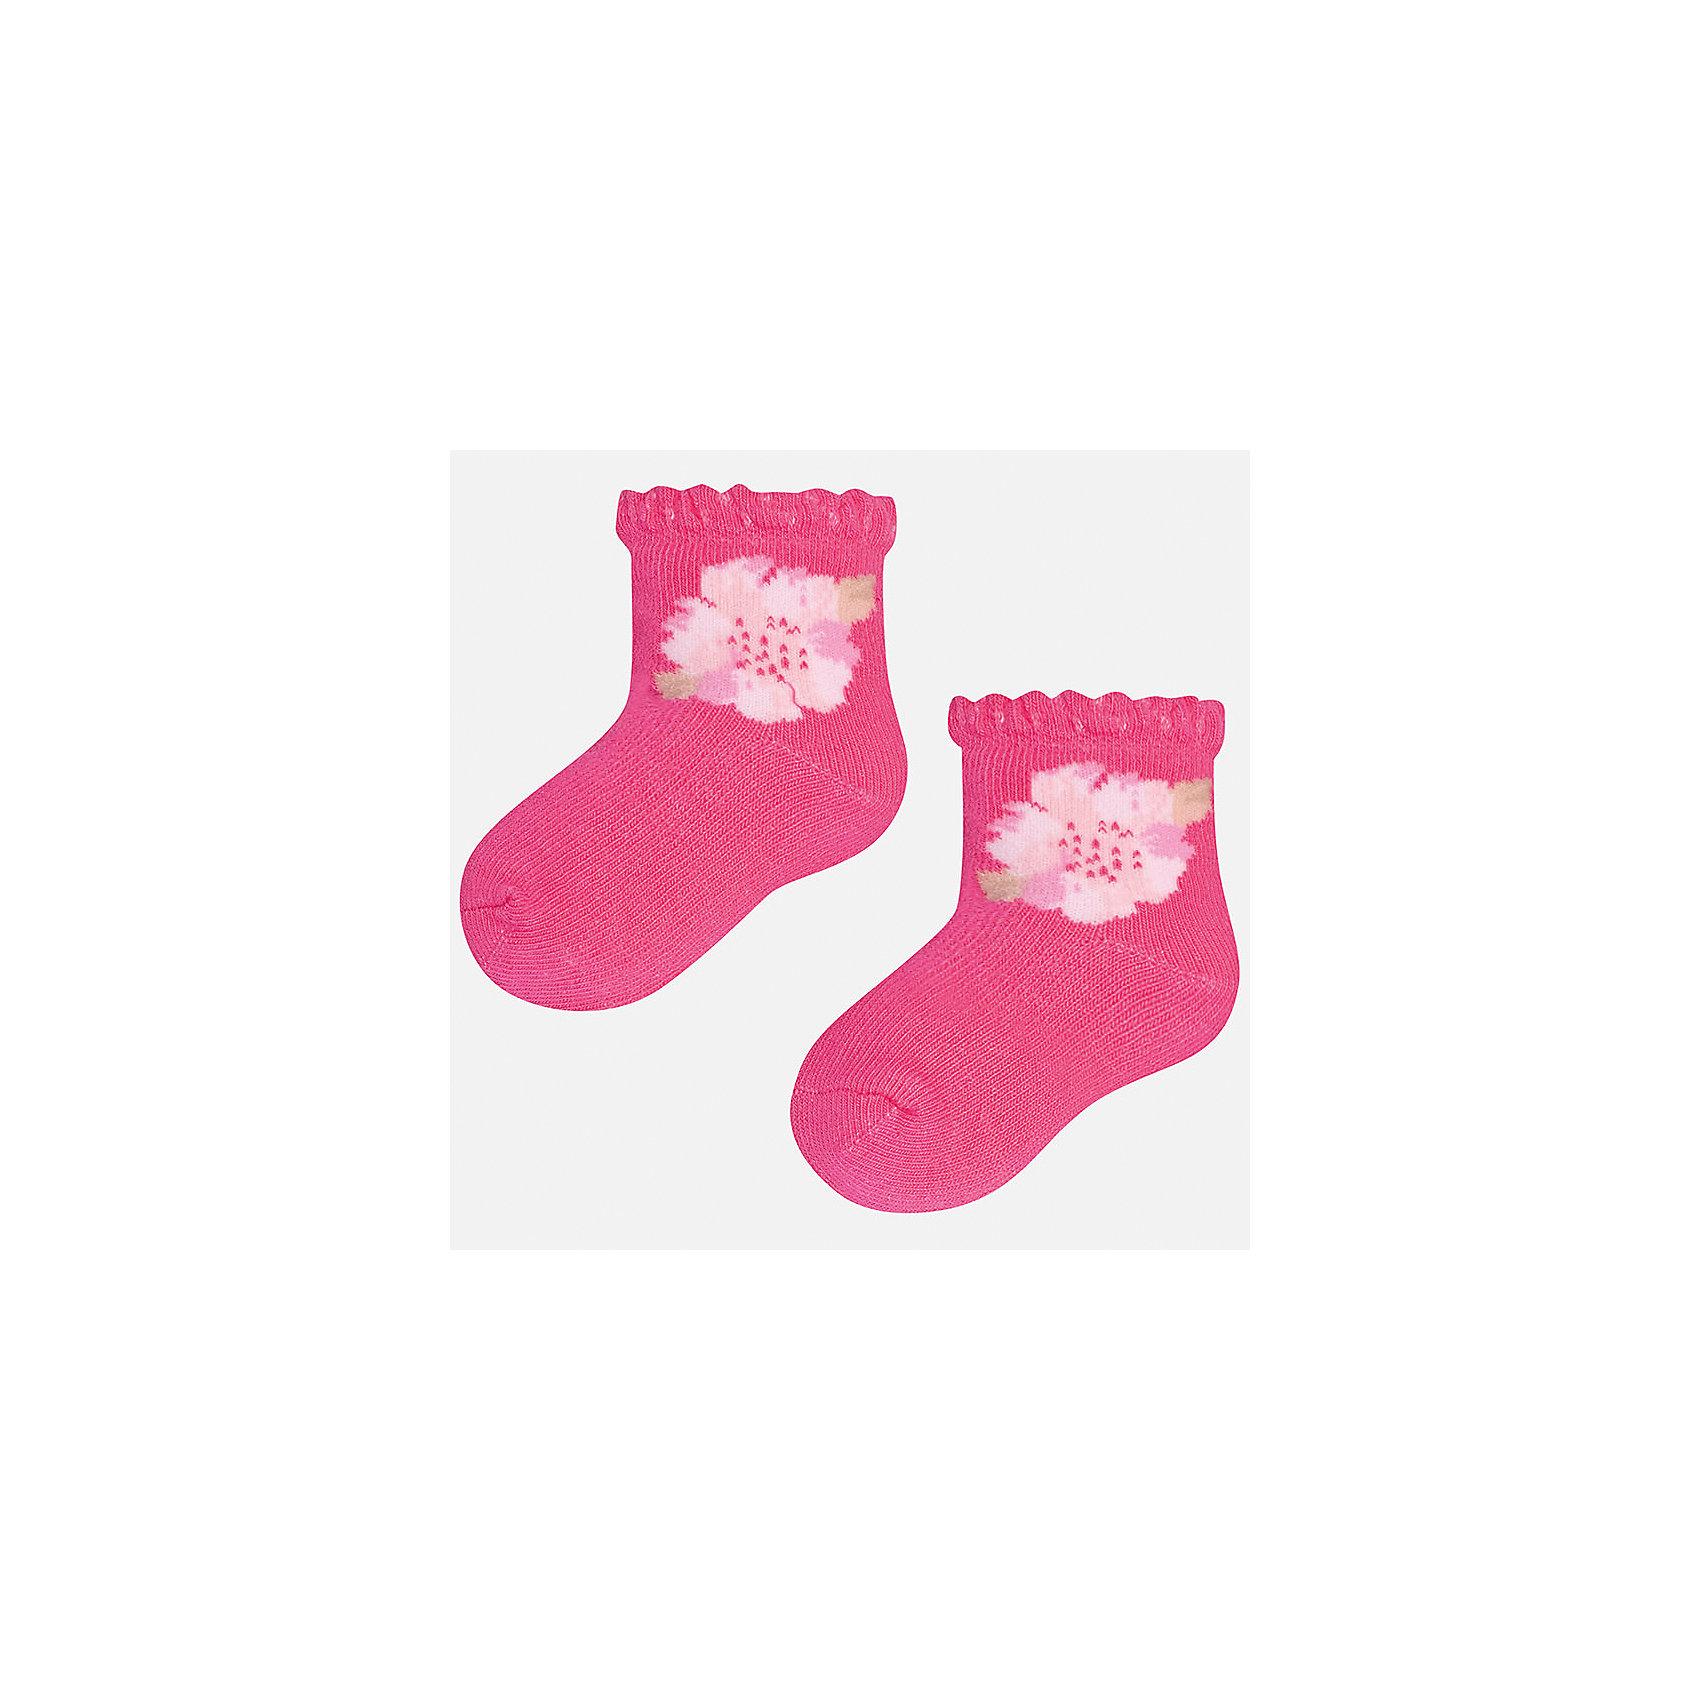 Носки для девочки MayoralНоски<br>Характеристики товара:<br><br>• цвет: розовый<br>• состав: 68% хлопок, 28% полиамид, 4% эластан<br>• комплектация: одна пара<br>• мягкая ажурная резинка<br>• эластичный материал<br>• декорированы цветами<br>• страна бренда: Испания<br><br>Удобные симпатичные носки для девочки помогут обеспечить ребенку комфорт и дополнить наряд. Универсальный цвет позволяет надевать их под обувь разных расцветок. Носки удобно сидят на ноге и красиво смотрятся. В составе материала - натуральный хлопок, гипоаллергенный, приятный на ощупь, дышащий. <br><br>Одежда, обувь и аксессуары от испанского бренда Mayoral полюбились детям и взрослым по всему миру. Модели этой марки - стильные и удобные. Для их производства используются только безопасные, качественные материалы и фурнитура. Порадуйте ребенка модными и красивыми вещами от Mayoral! <br><br>Носки для девочки от испанского бренда Mayoral (Майорал) можно купить в нашем интернет-магазине.<br><br>Ширина мм: 87<br>Глубина мм: 10<br>Высота мм: 105<br>Вес г: 115<br>Цвет: фиолетовый<br>Возраст от месяцев: 21<br>Возраст до месяцев: 24<br>Пол: Женский<br>Возраст: Детский<br>Размер: 24,12<br>SKU: 5293388